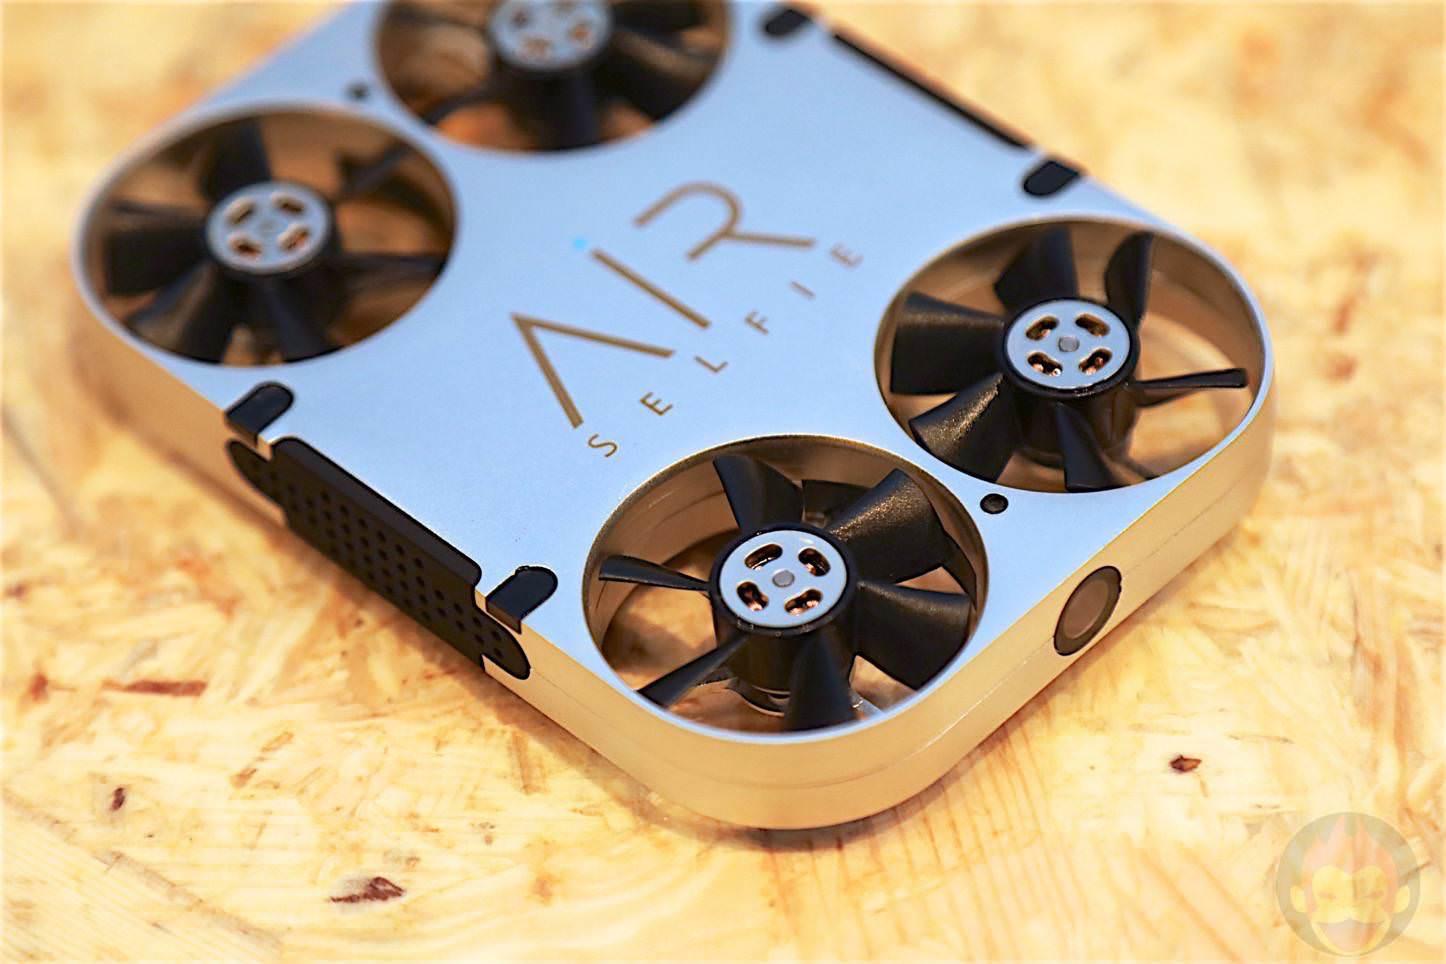 AirSelfie-Drone-Type-Selfie-Unit-05.jpg